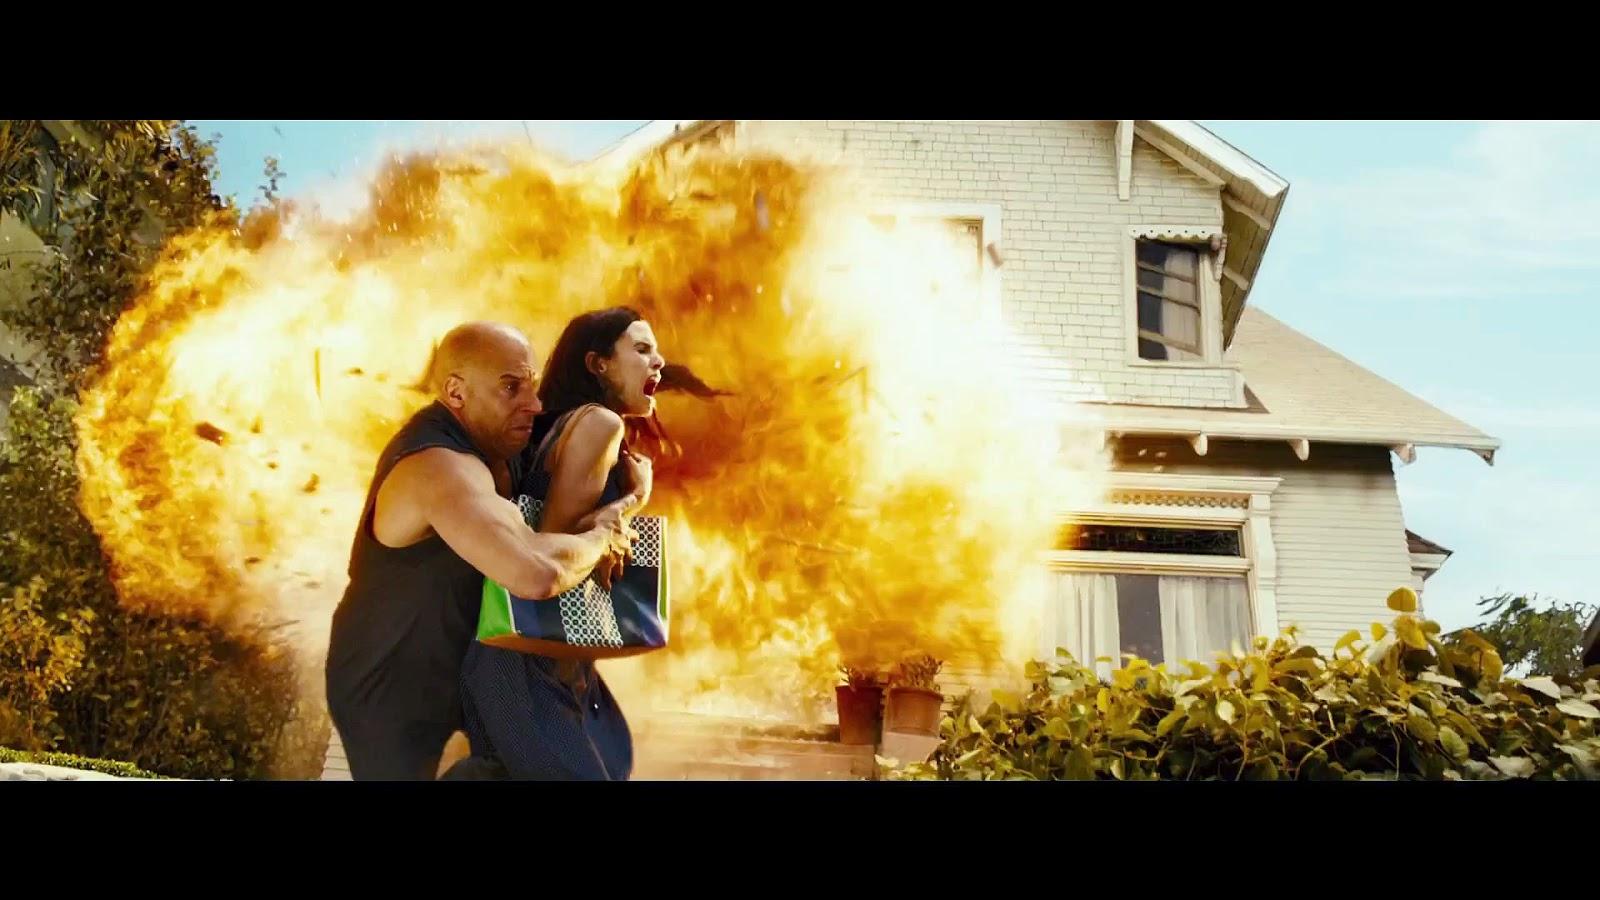 dom explosión